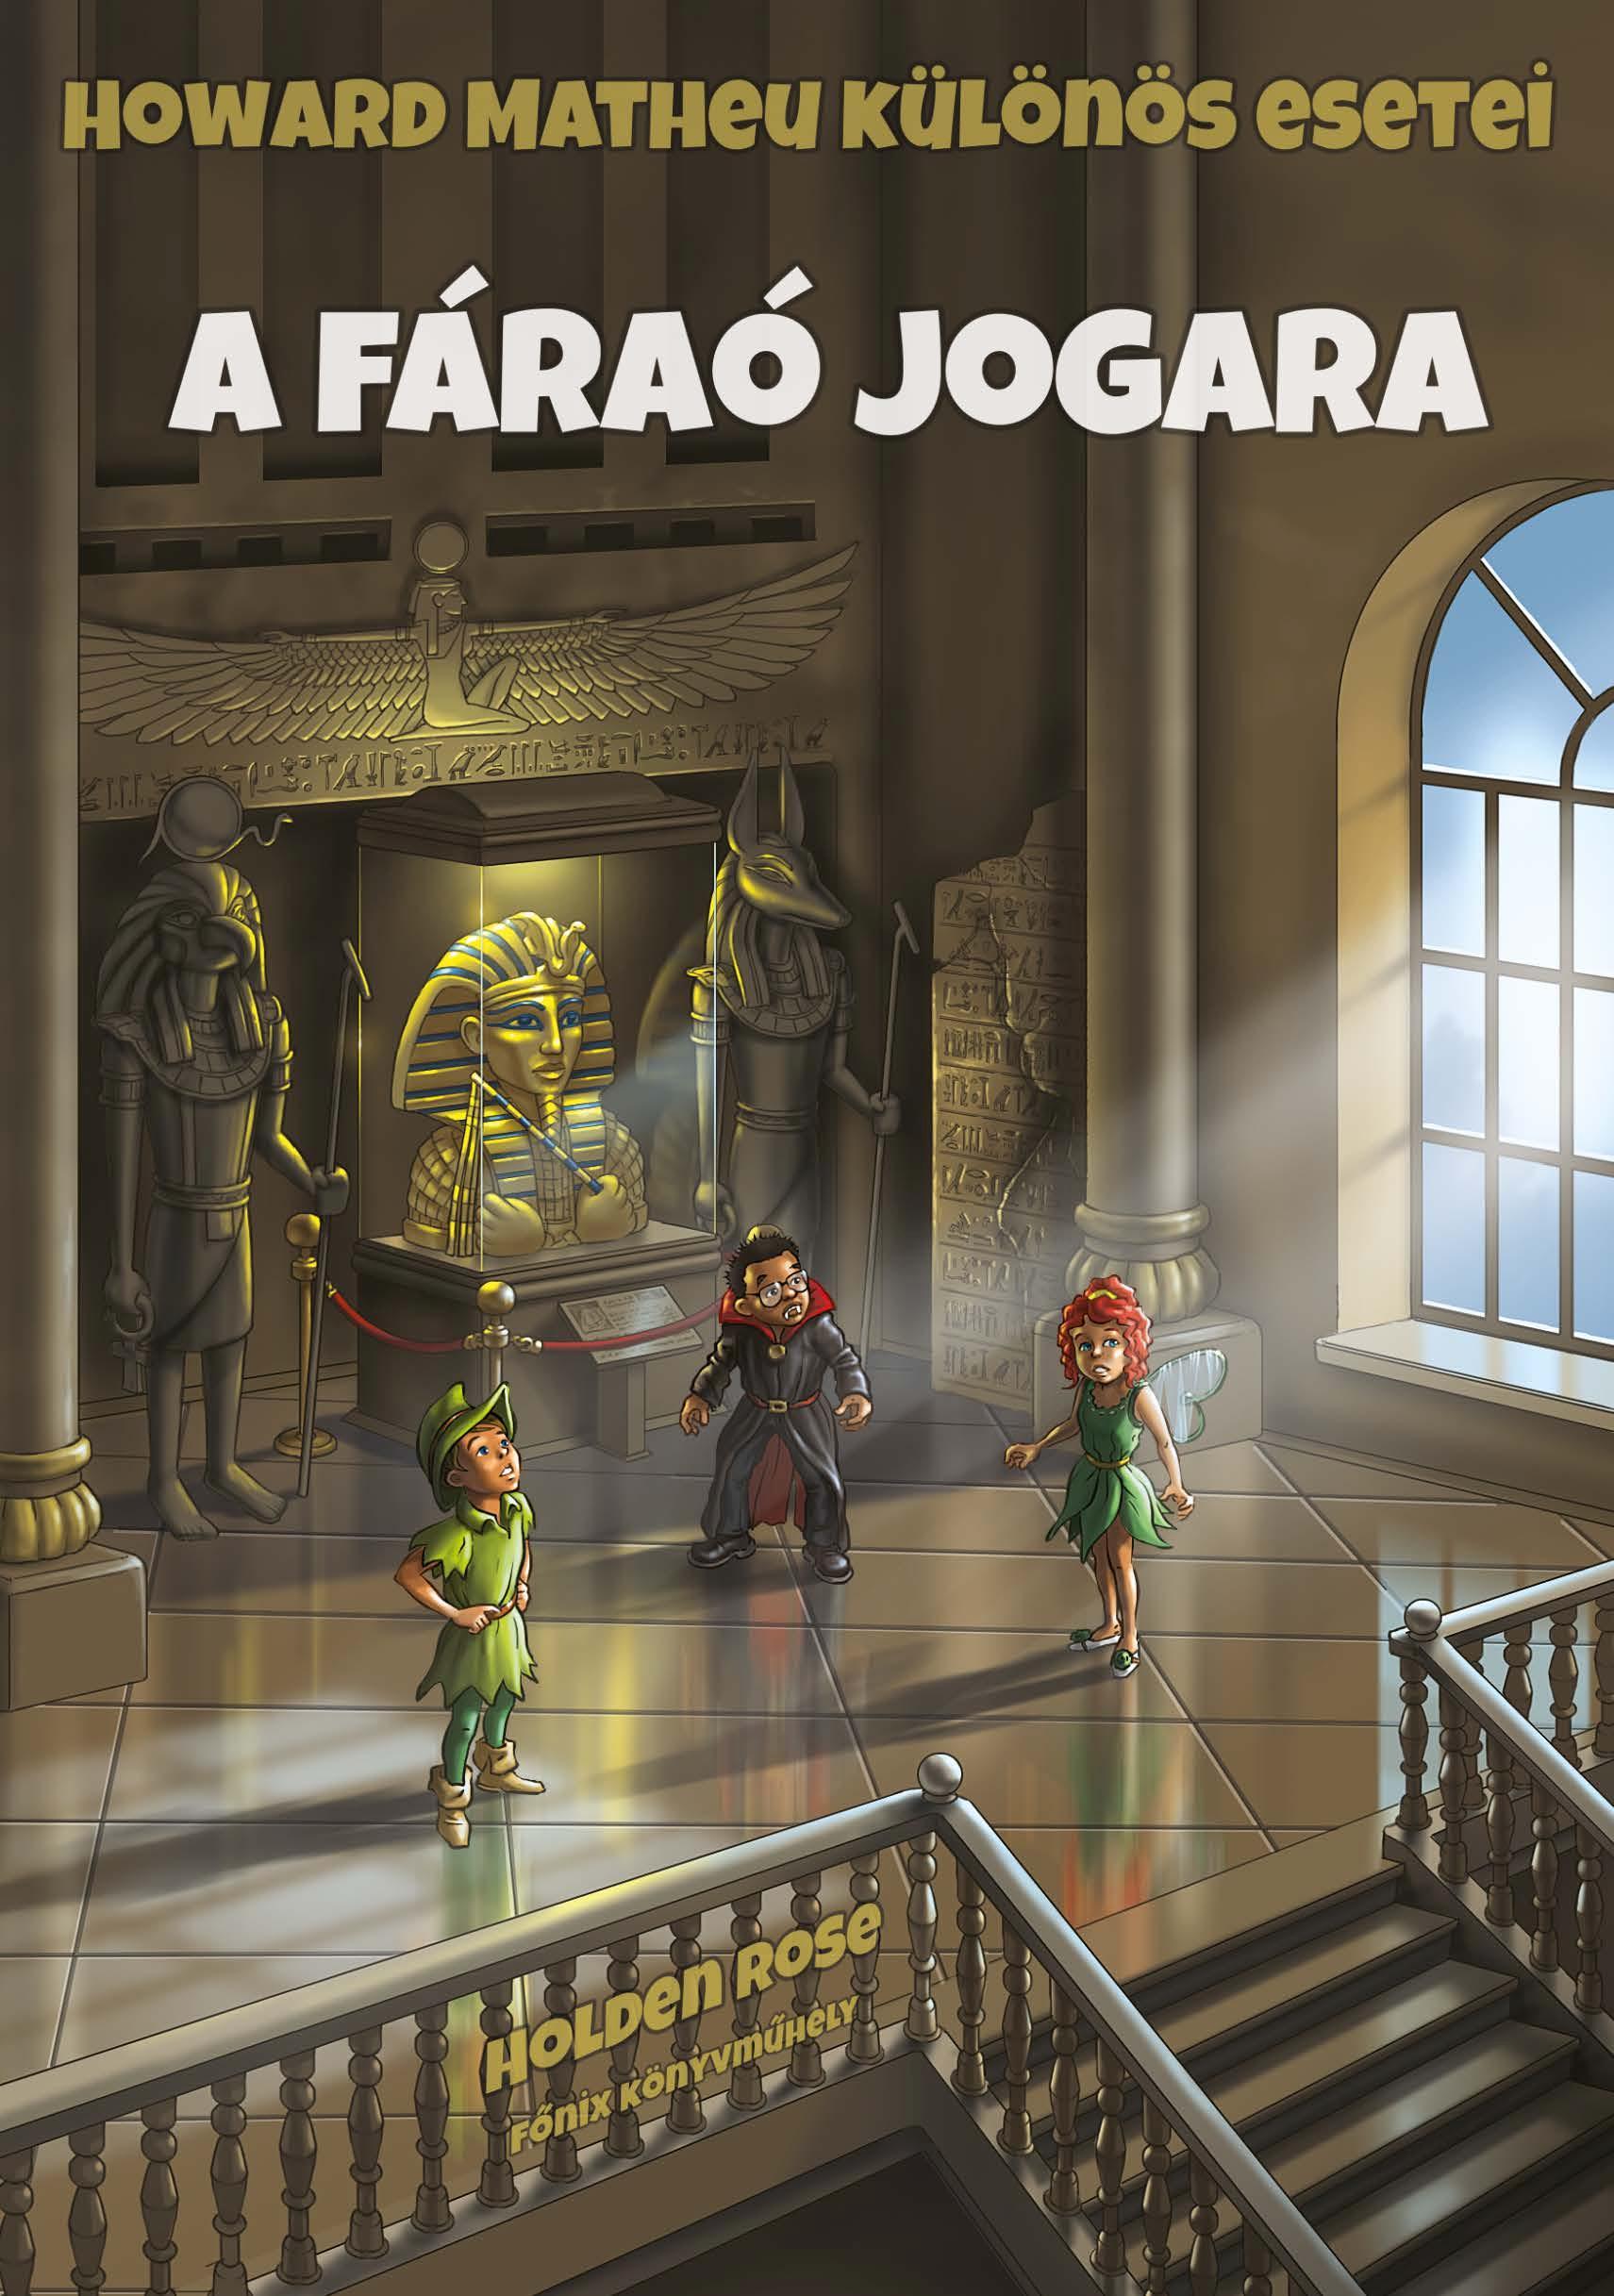 A FÁRAÓ JOGARA - HOWARD MATHEU KÜLÖNÖS ESETEI